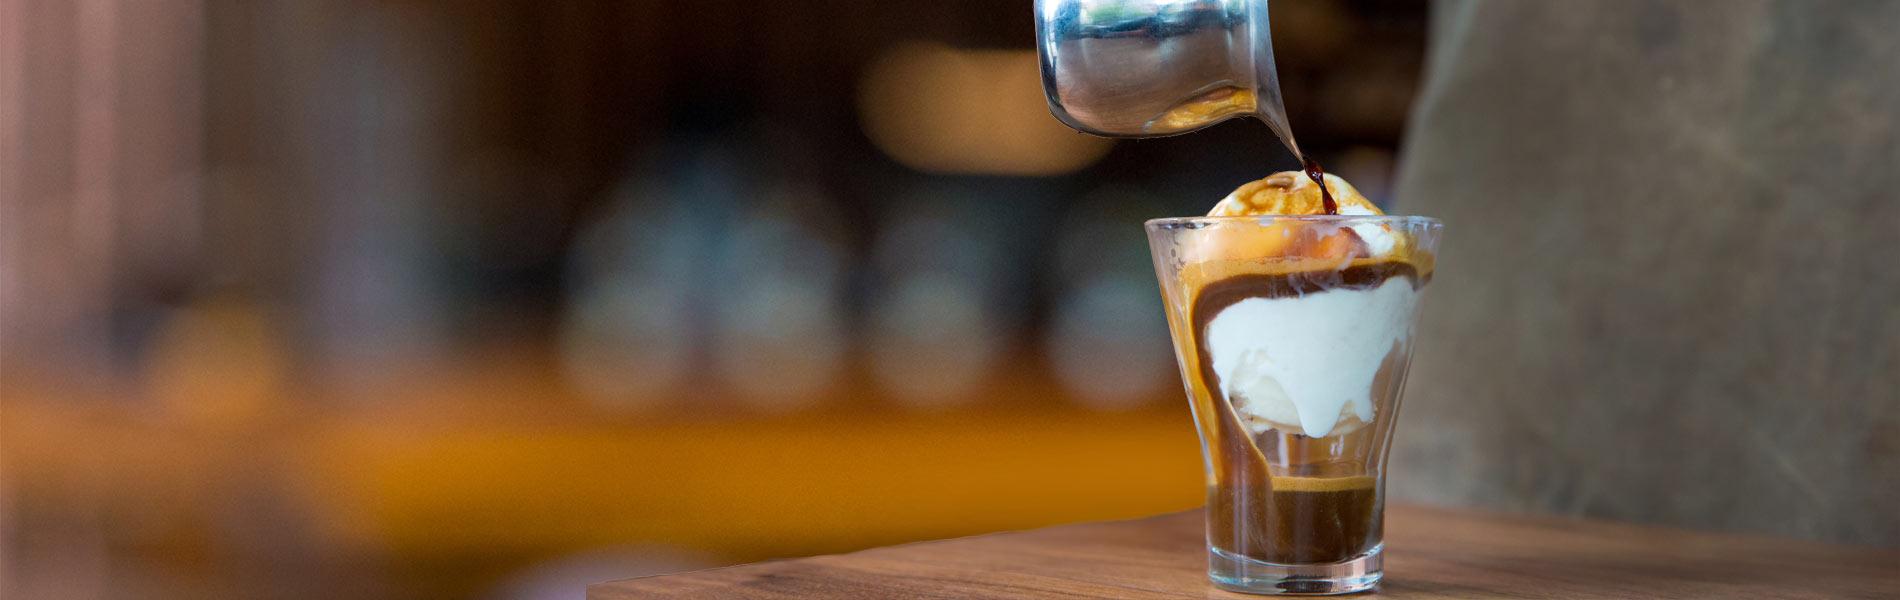 Starbucks Affogato - coffee poured over ice cream